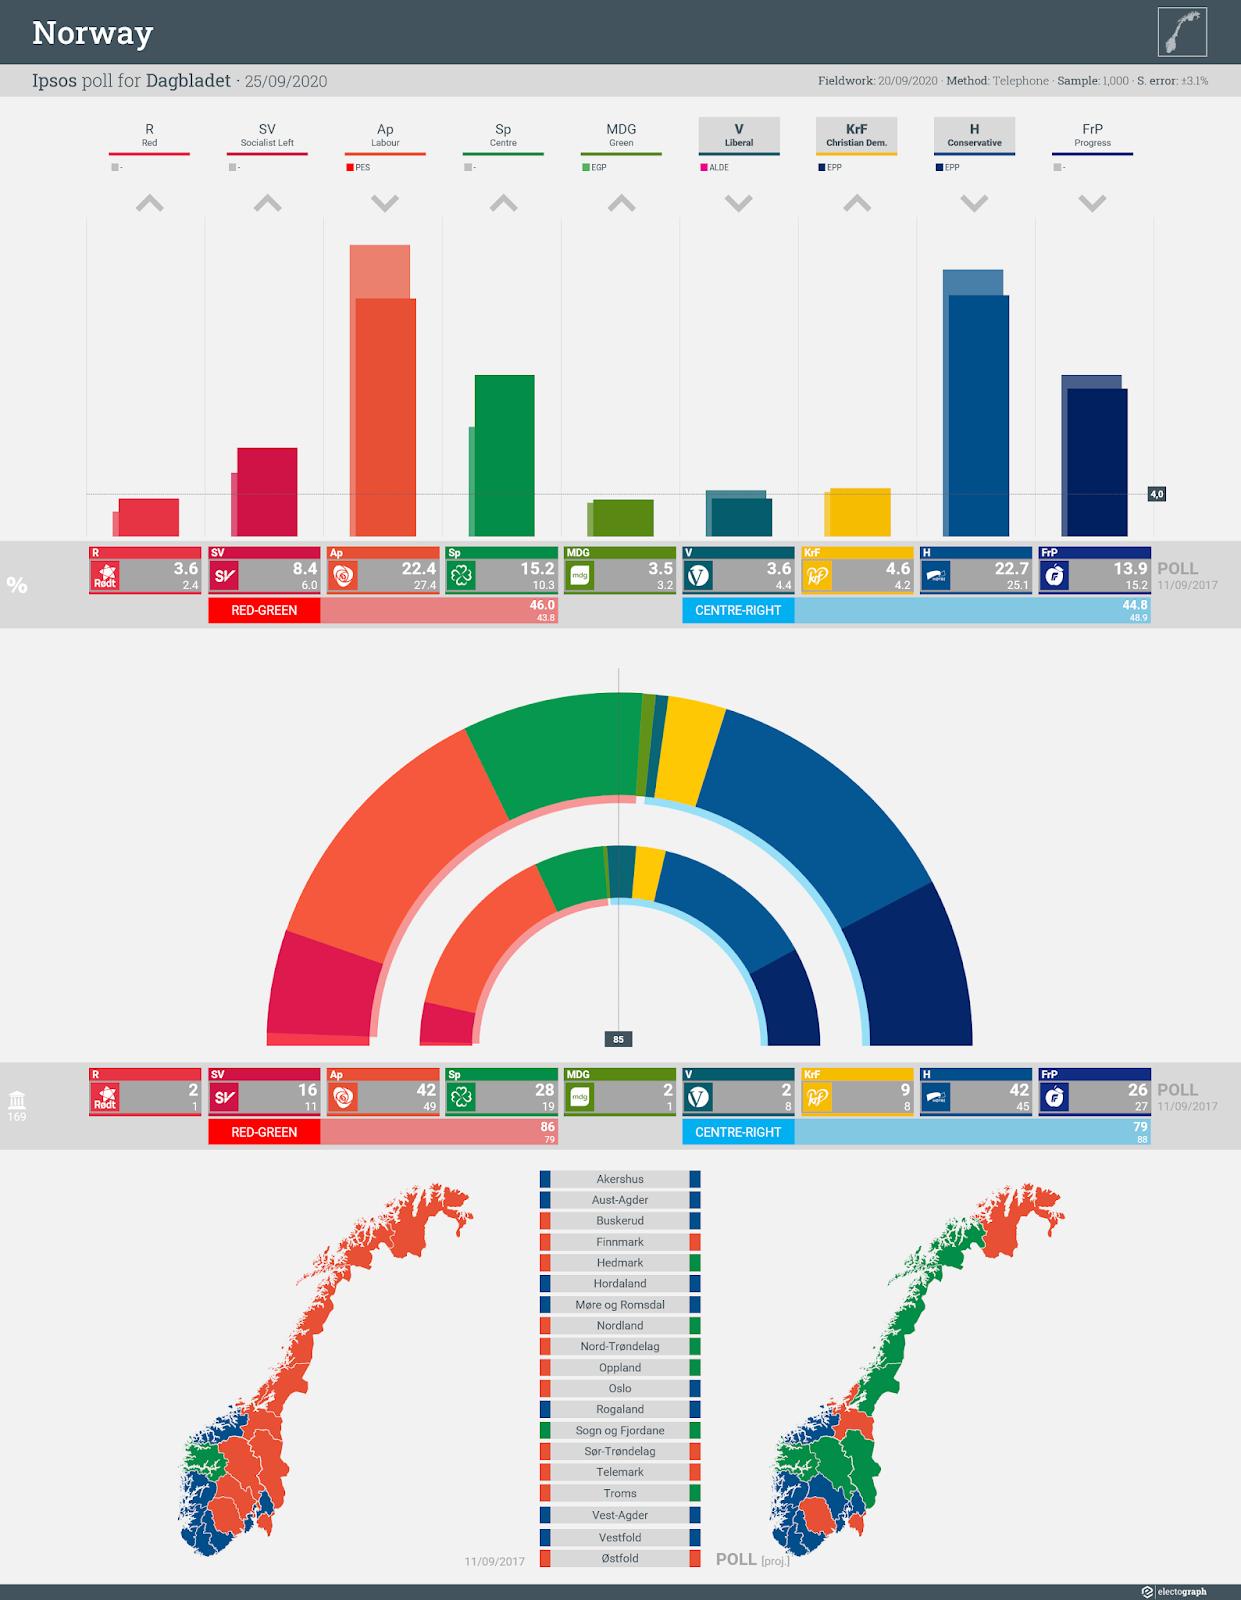 NORWAY: Ipsos poll chart for Dagbladet, 25 September 2020